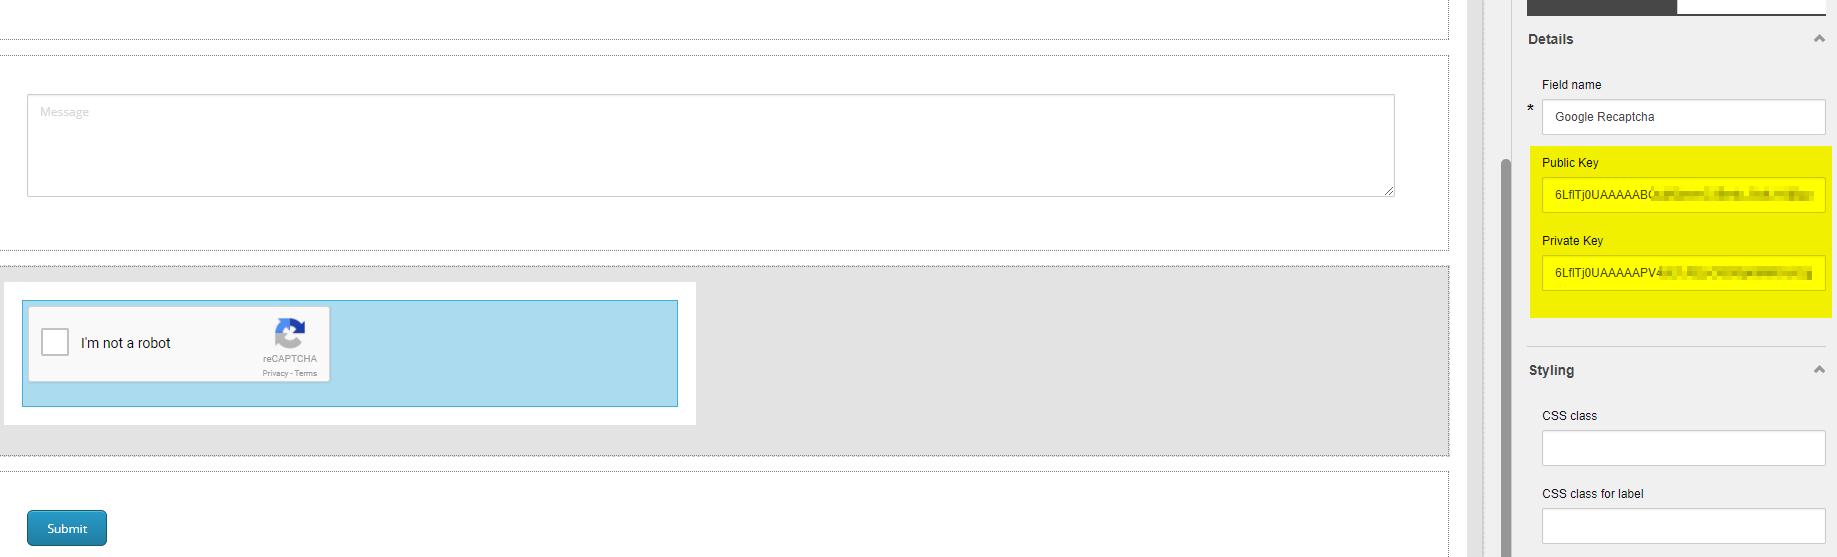 Sitecore 9 Forms – Google reCAPTCHA form element |  Net | Sitecore blog